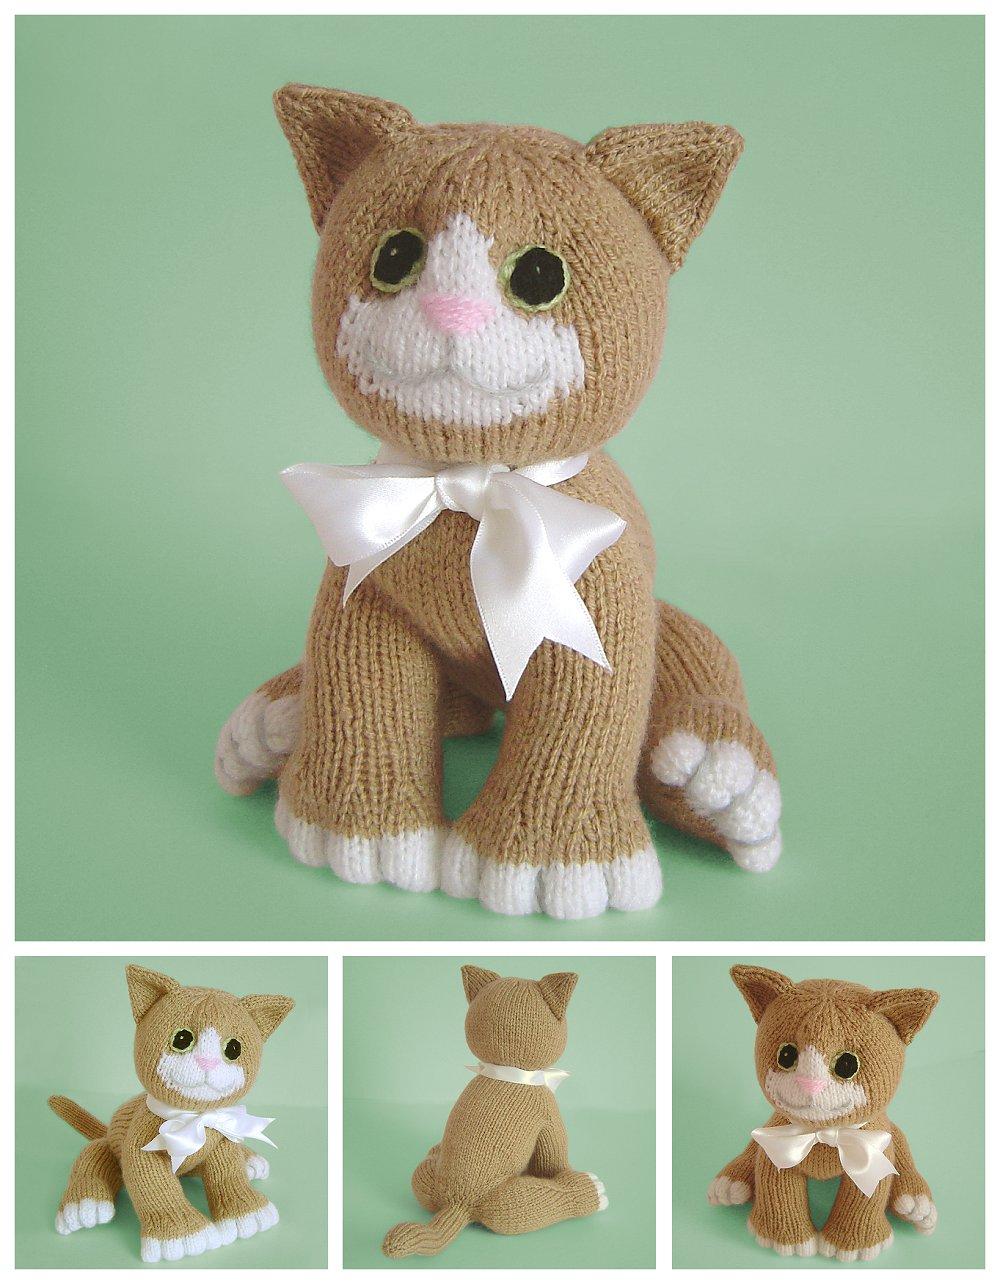 Knitting Kitten : Clare scope farrell novelty knitting patterns news let